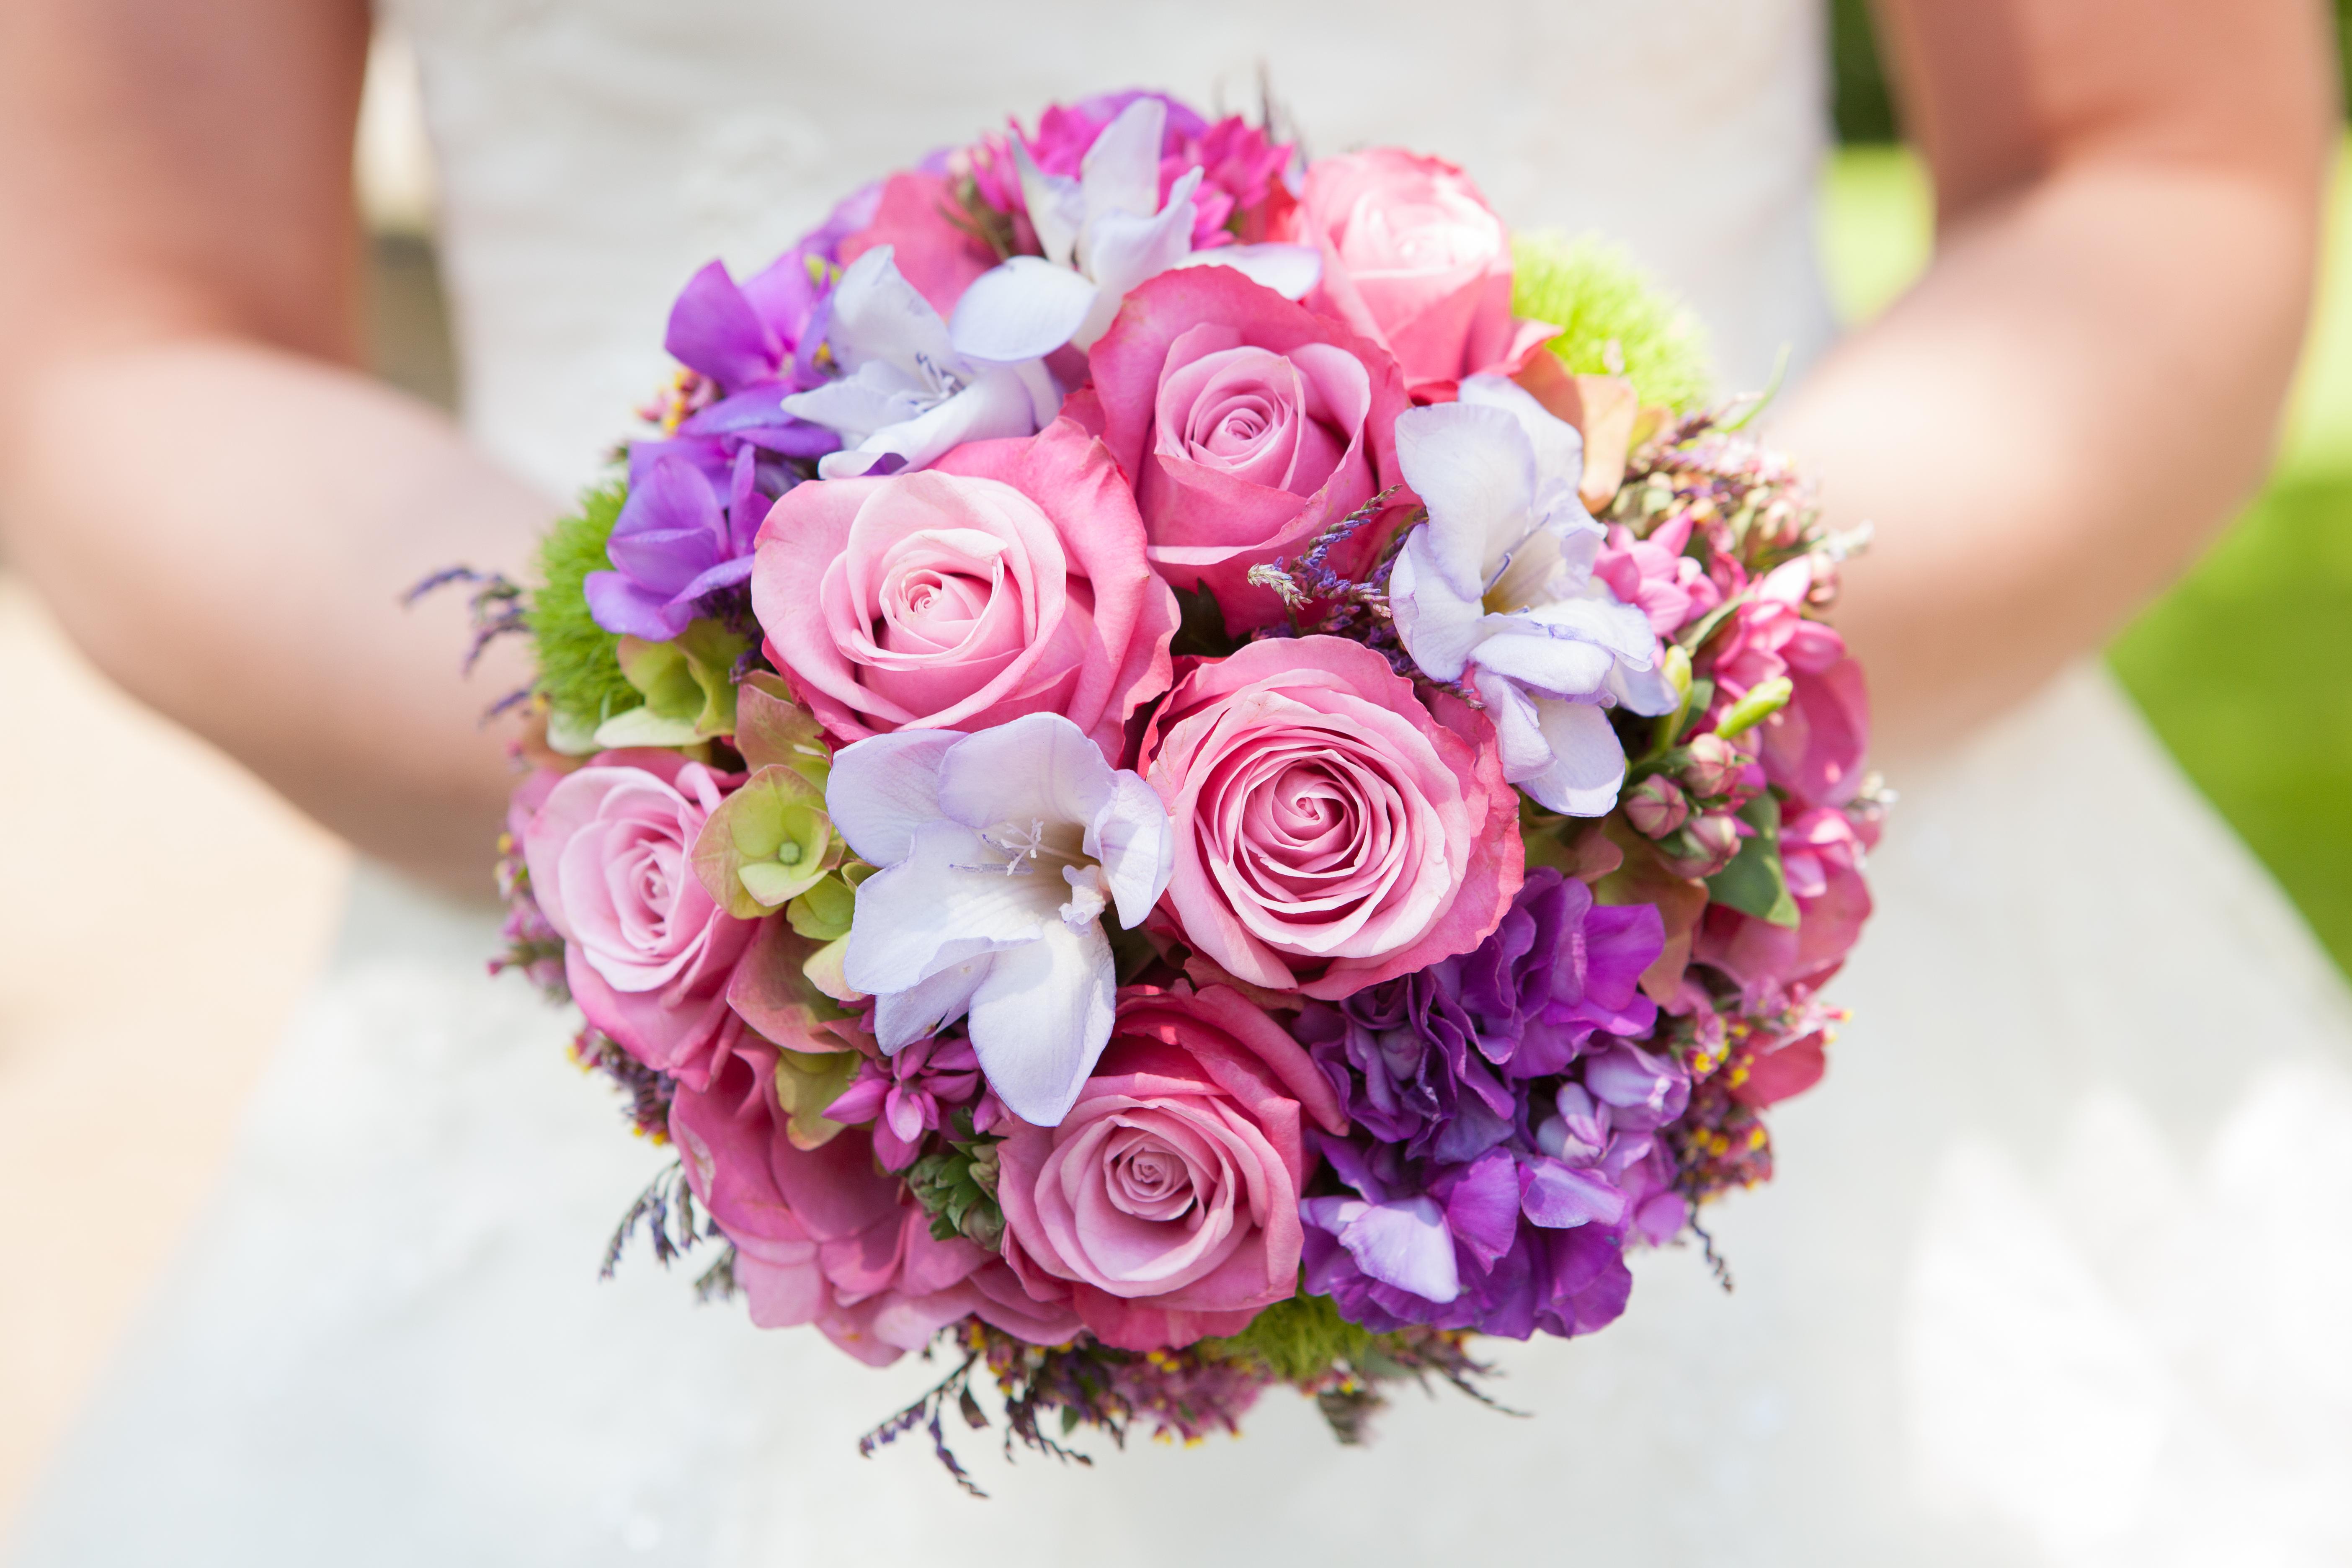 Der Brautstrau  welche Blumen sind beliebt  Pflanzenblog